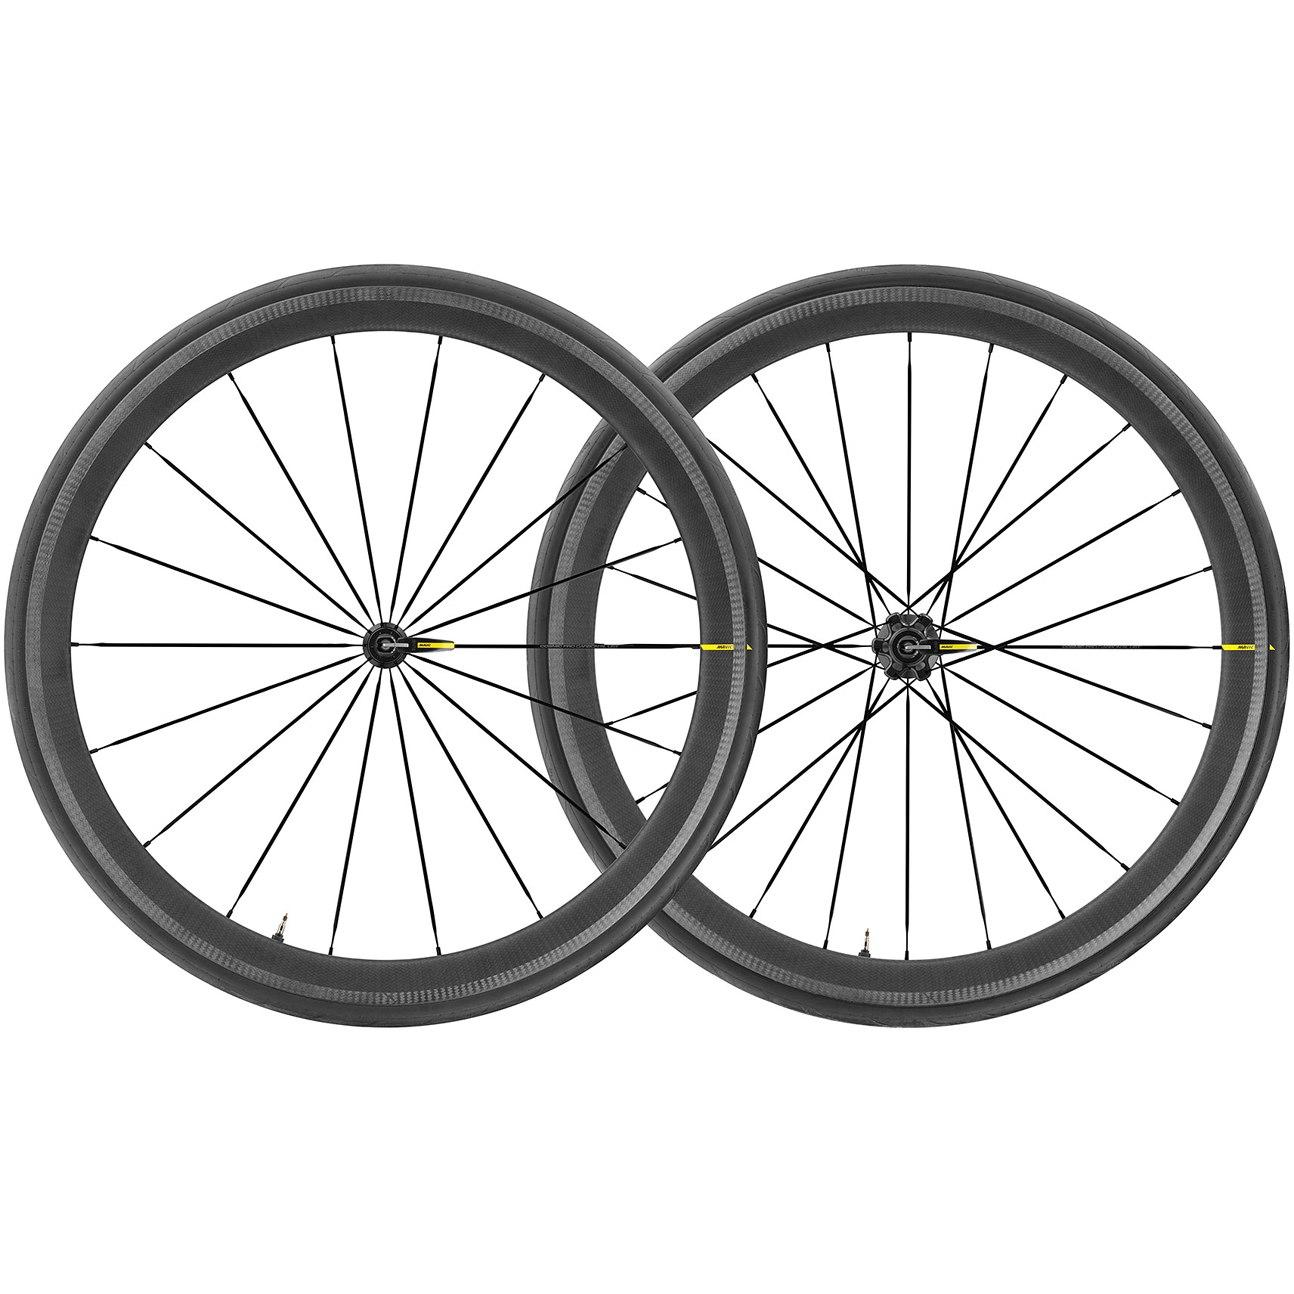 Mavic Cosmic Pro Carbon SL Laufradsatz Schlauchreifen - schwarz